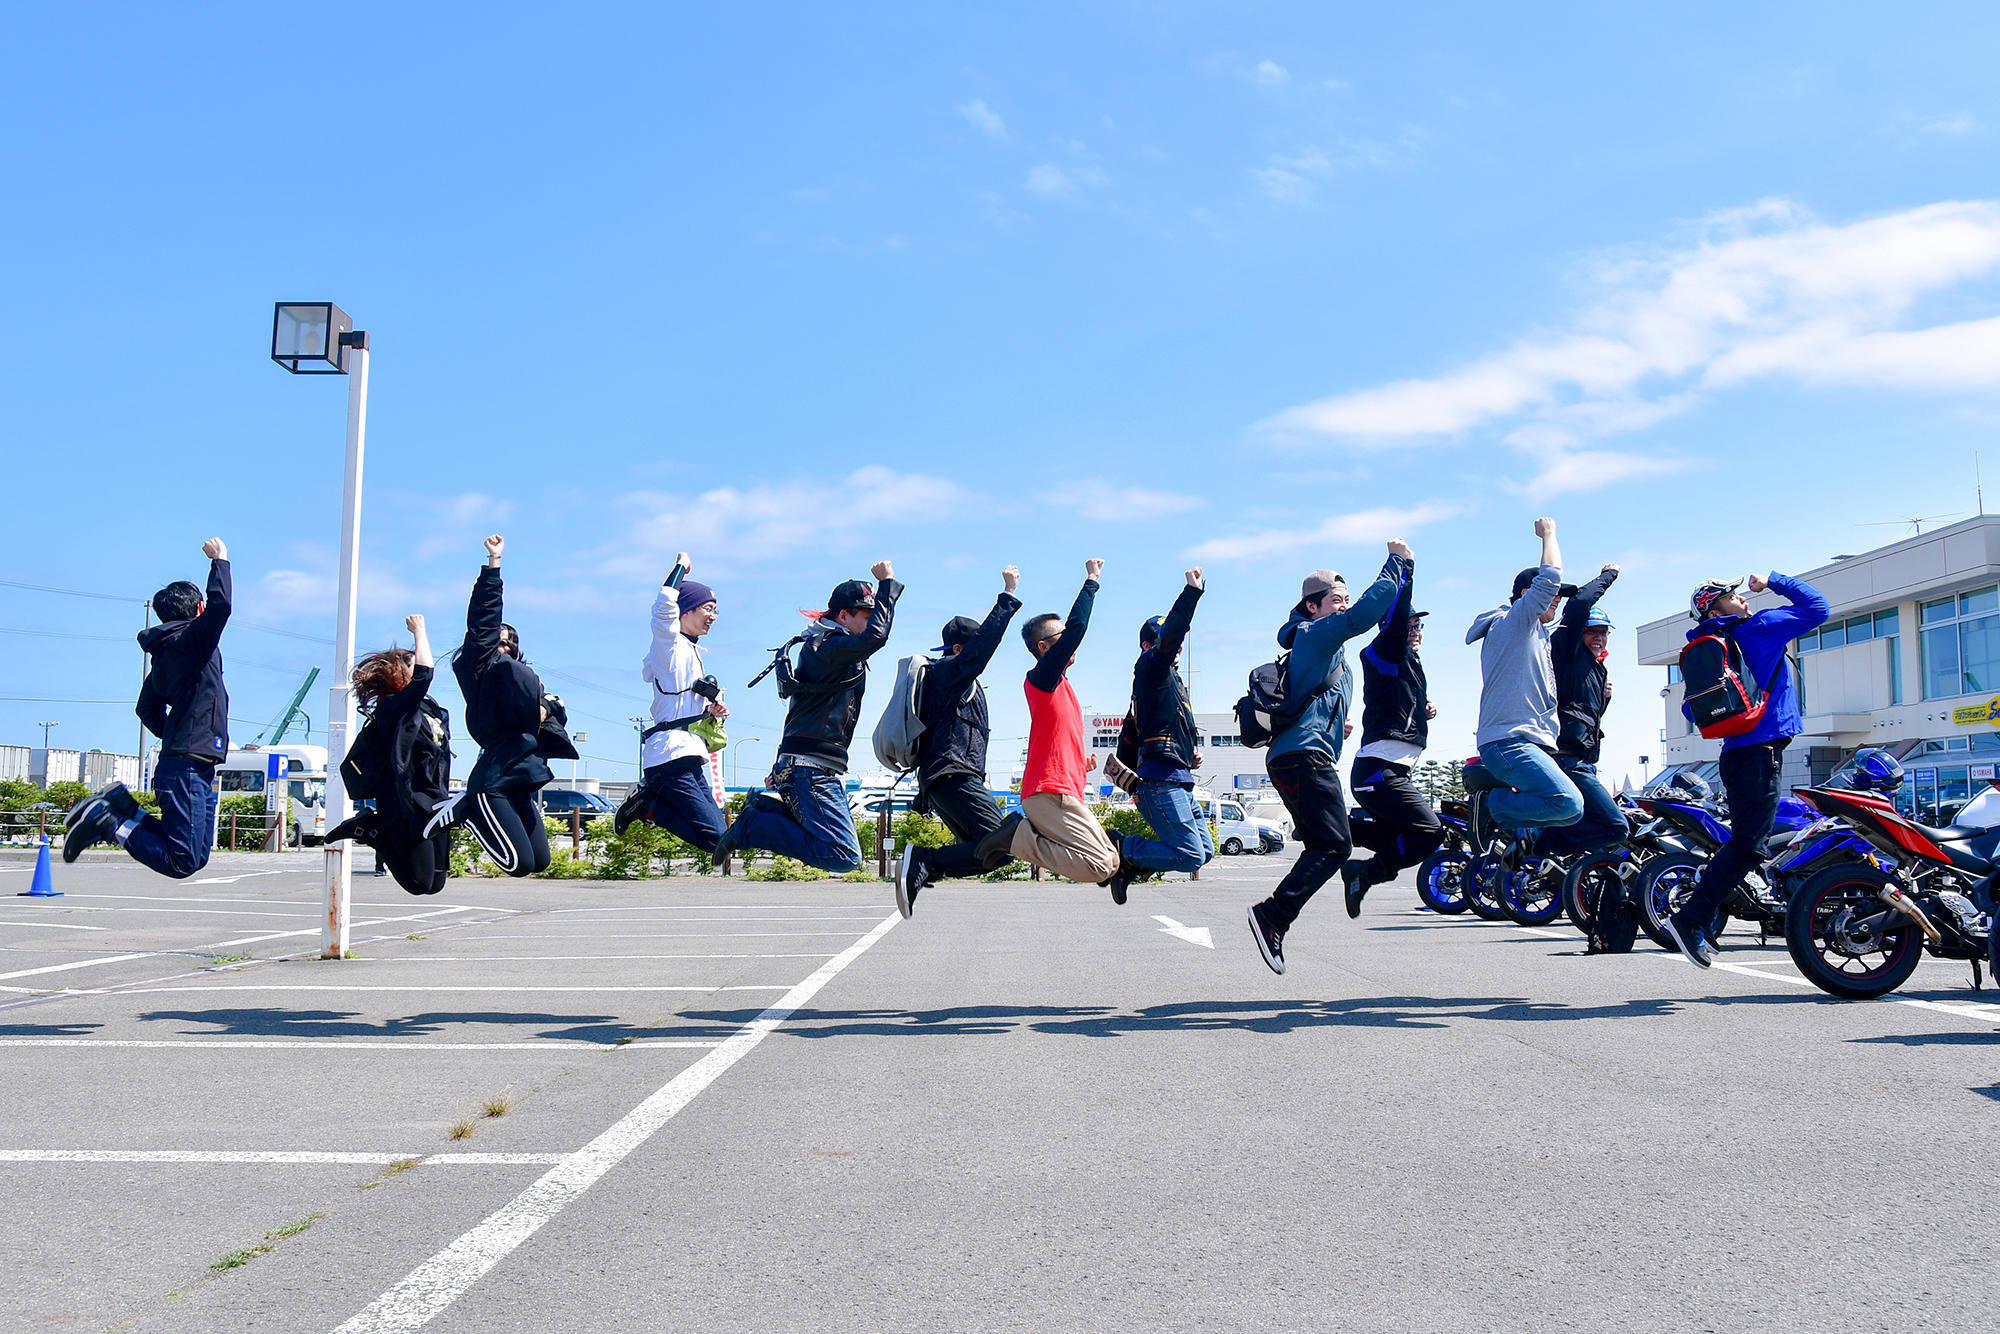 全7回会場で開催のYZF-R3/R25オーナーズフォトツアー、北海道会場で完!たくさんのご来場ありがとうございました!!